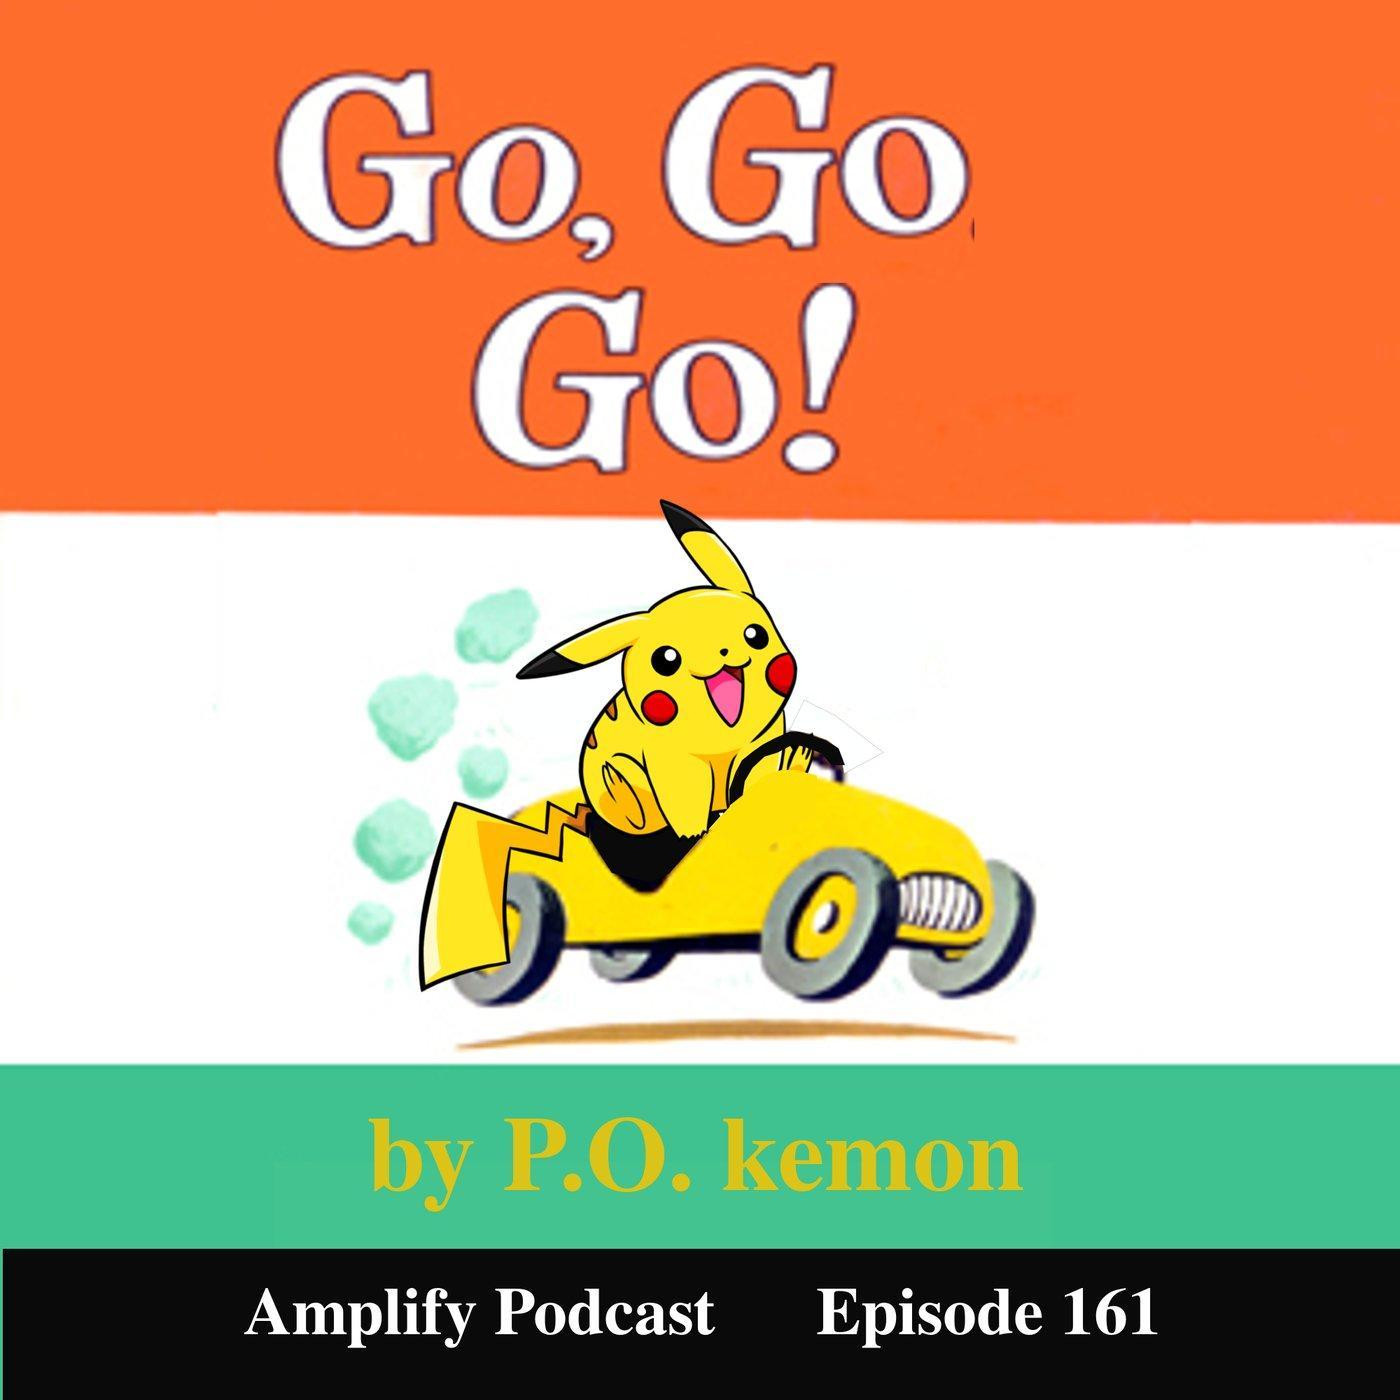 Go Go Go by P.O.kemon